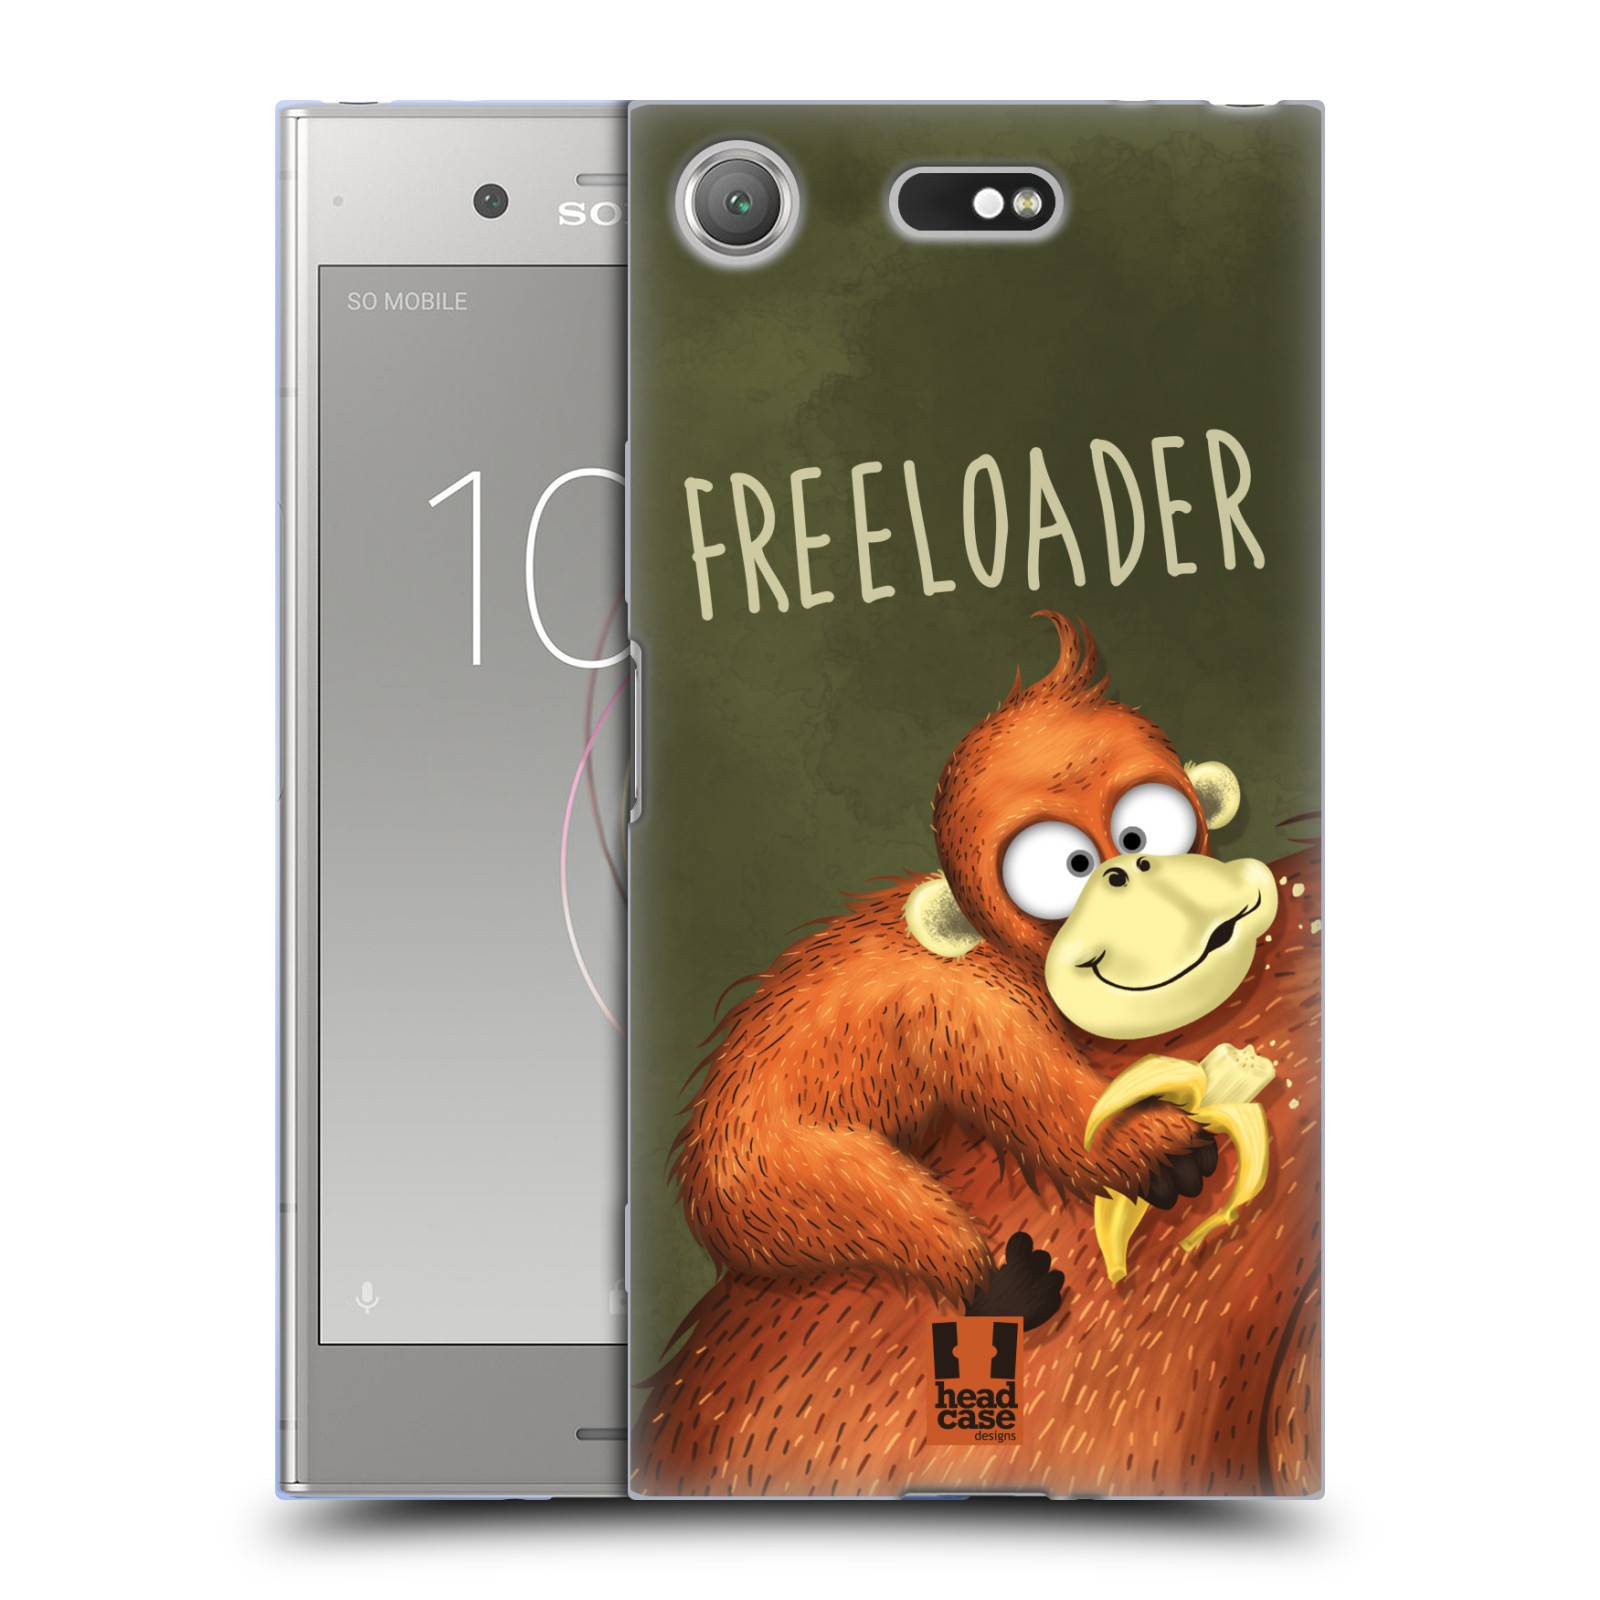 Silikonové pouzdro na mobil Sony Xperia XZ1 Compact - Head Case - Opičák Freeloader